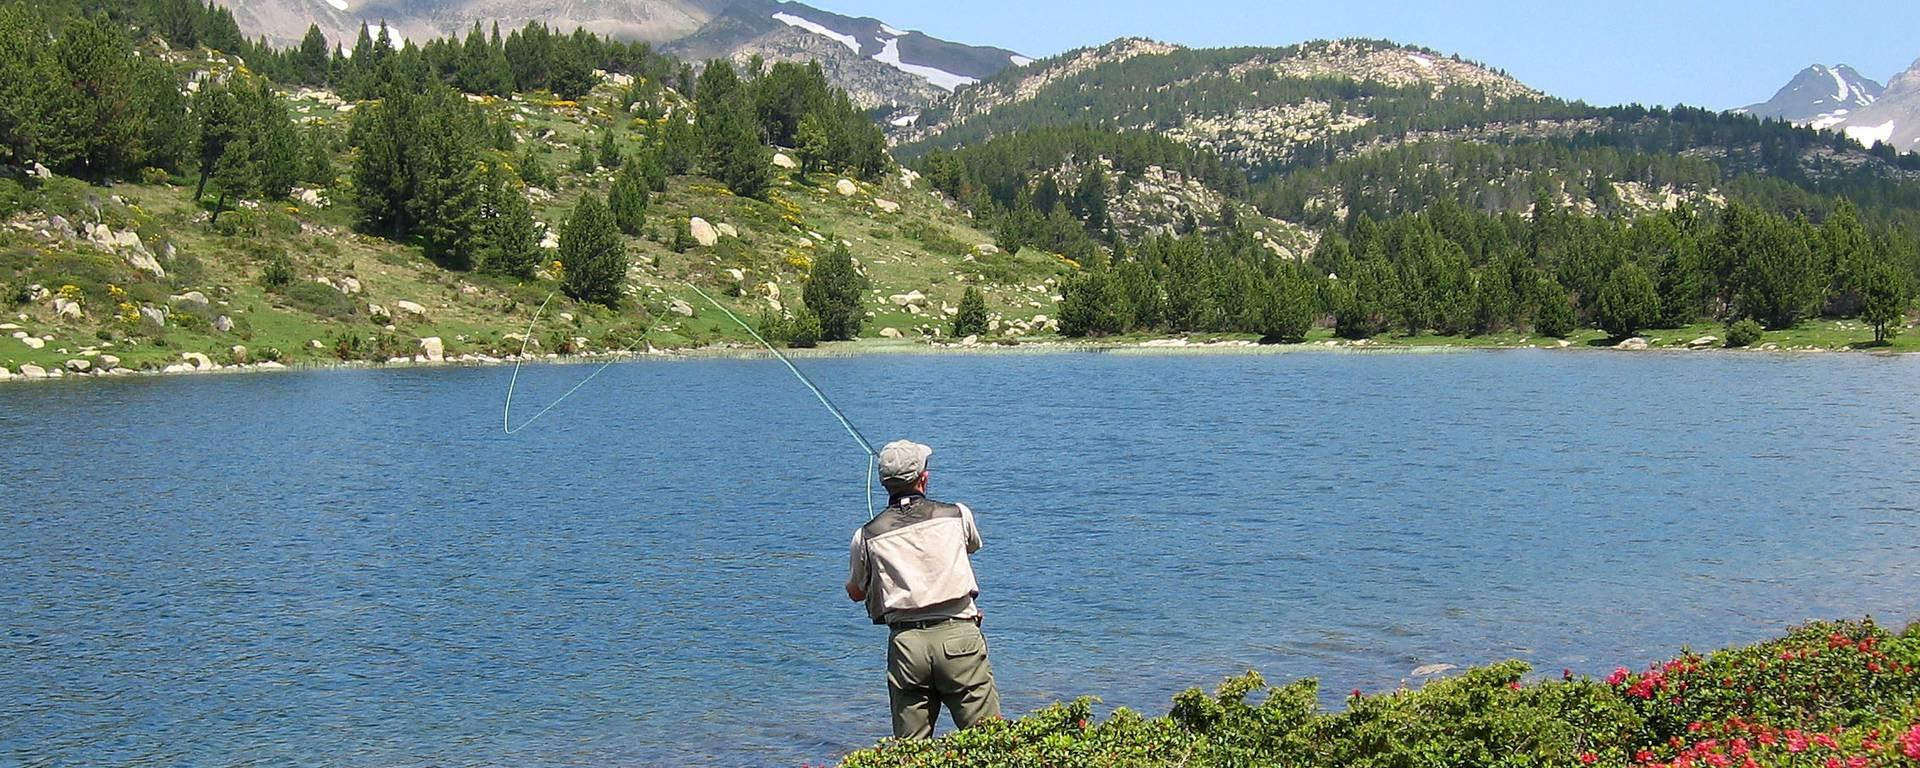 Pêche aux étangs du Carlit © F. Berlic